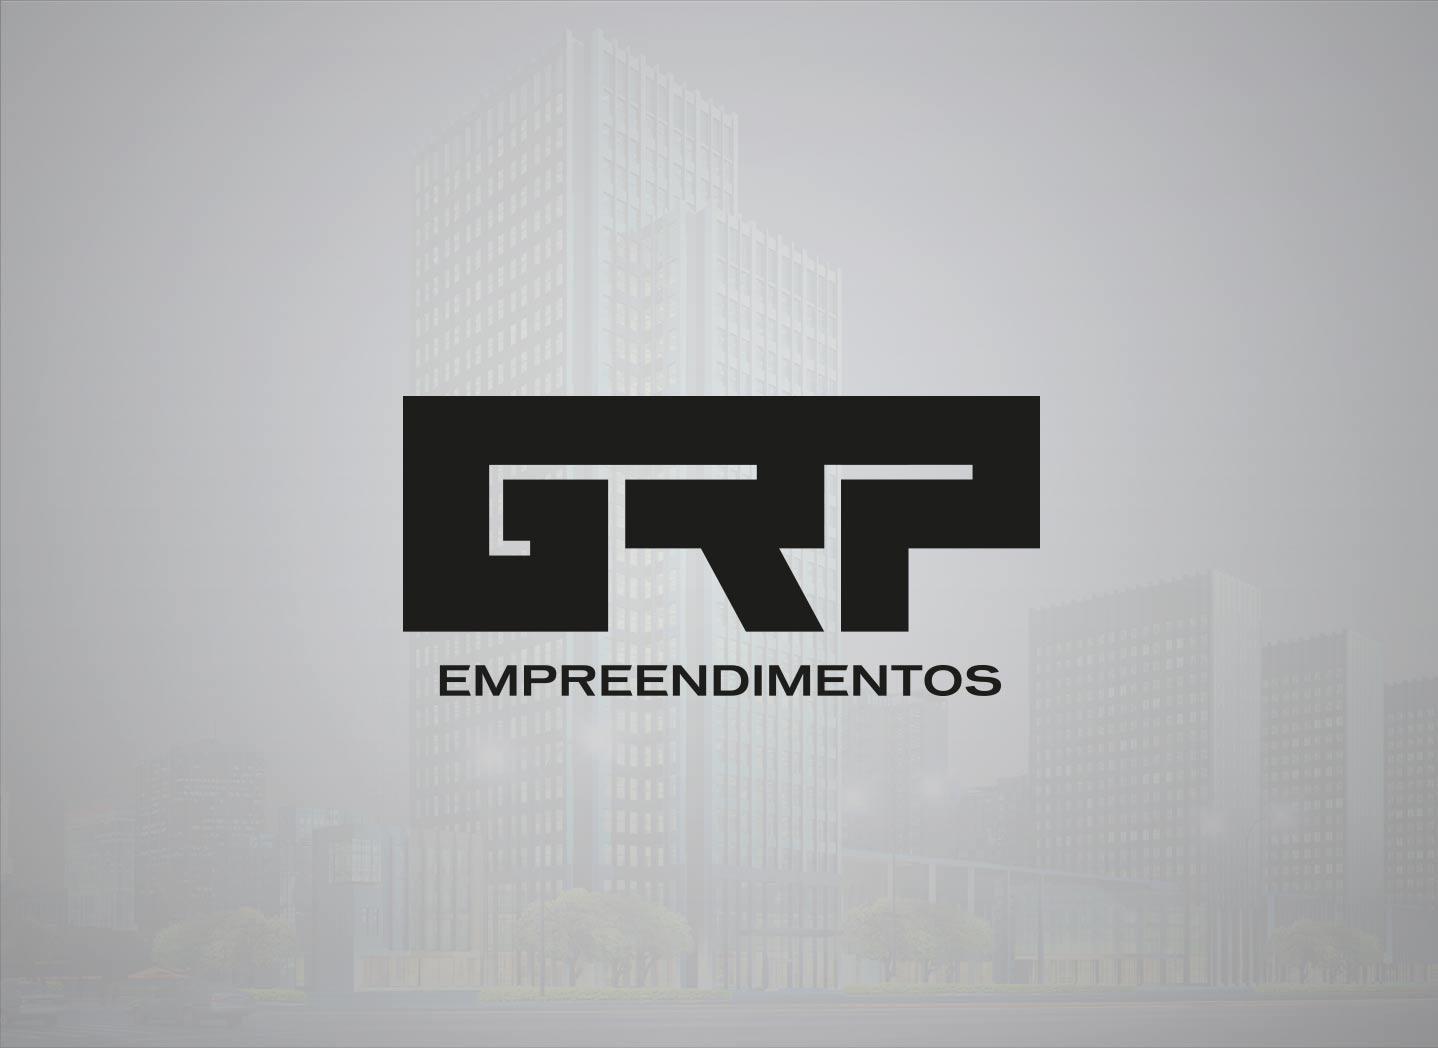 criação-de-logomarca-identidade-de-marca-e-naming-para-empresas-construtoras